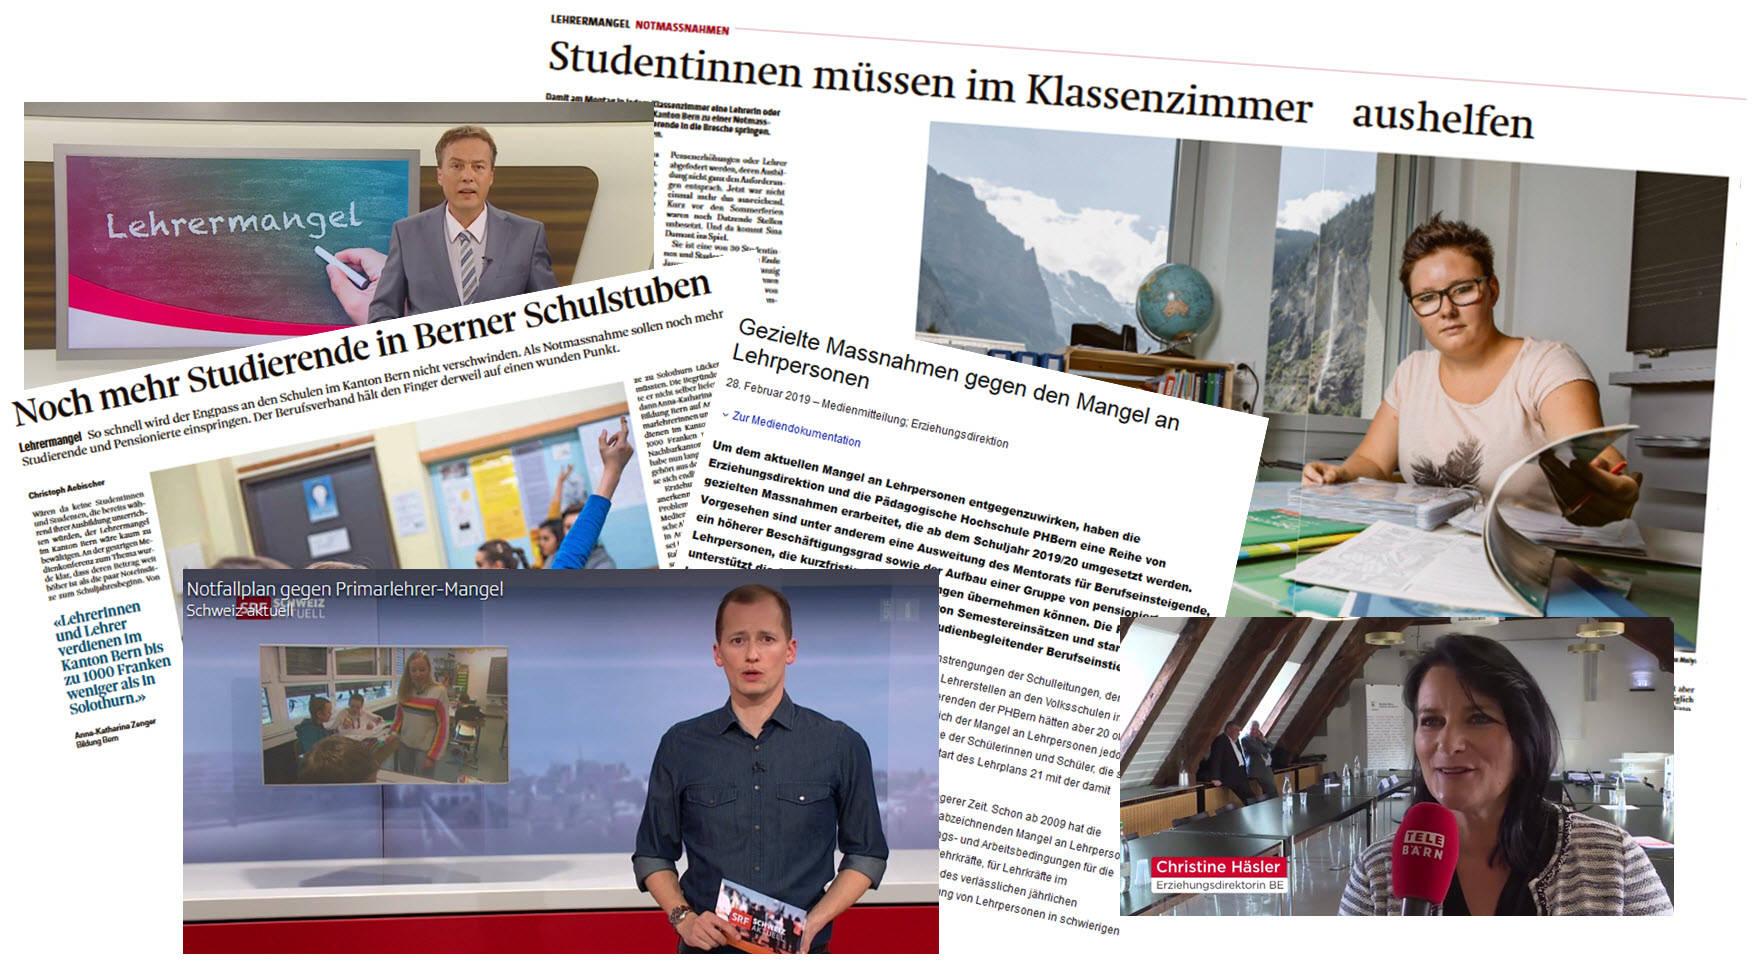 Die Medienberichterstattung 2018 am Beispiel von «Berner Zeitung», «Bund», «Telebärn», «SRF» und anderen Medien. Alle Berichte mit PHBern-Beteiligung gibt es unter: www.phbern.ch/medien